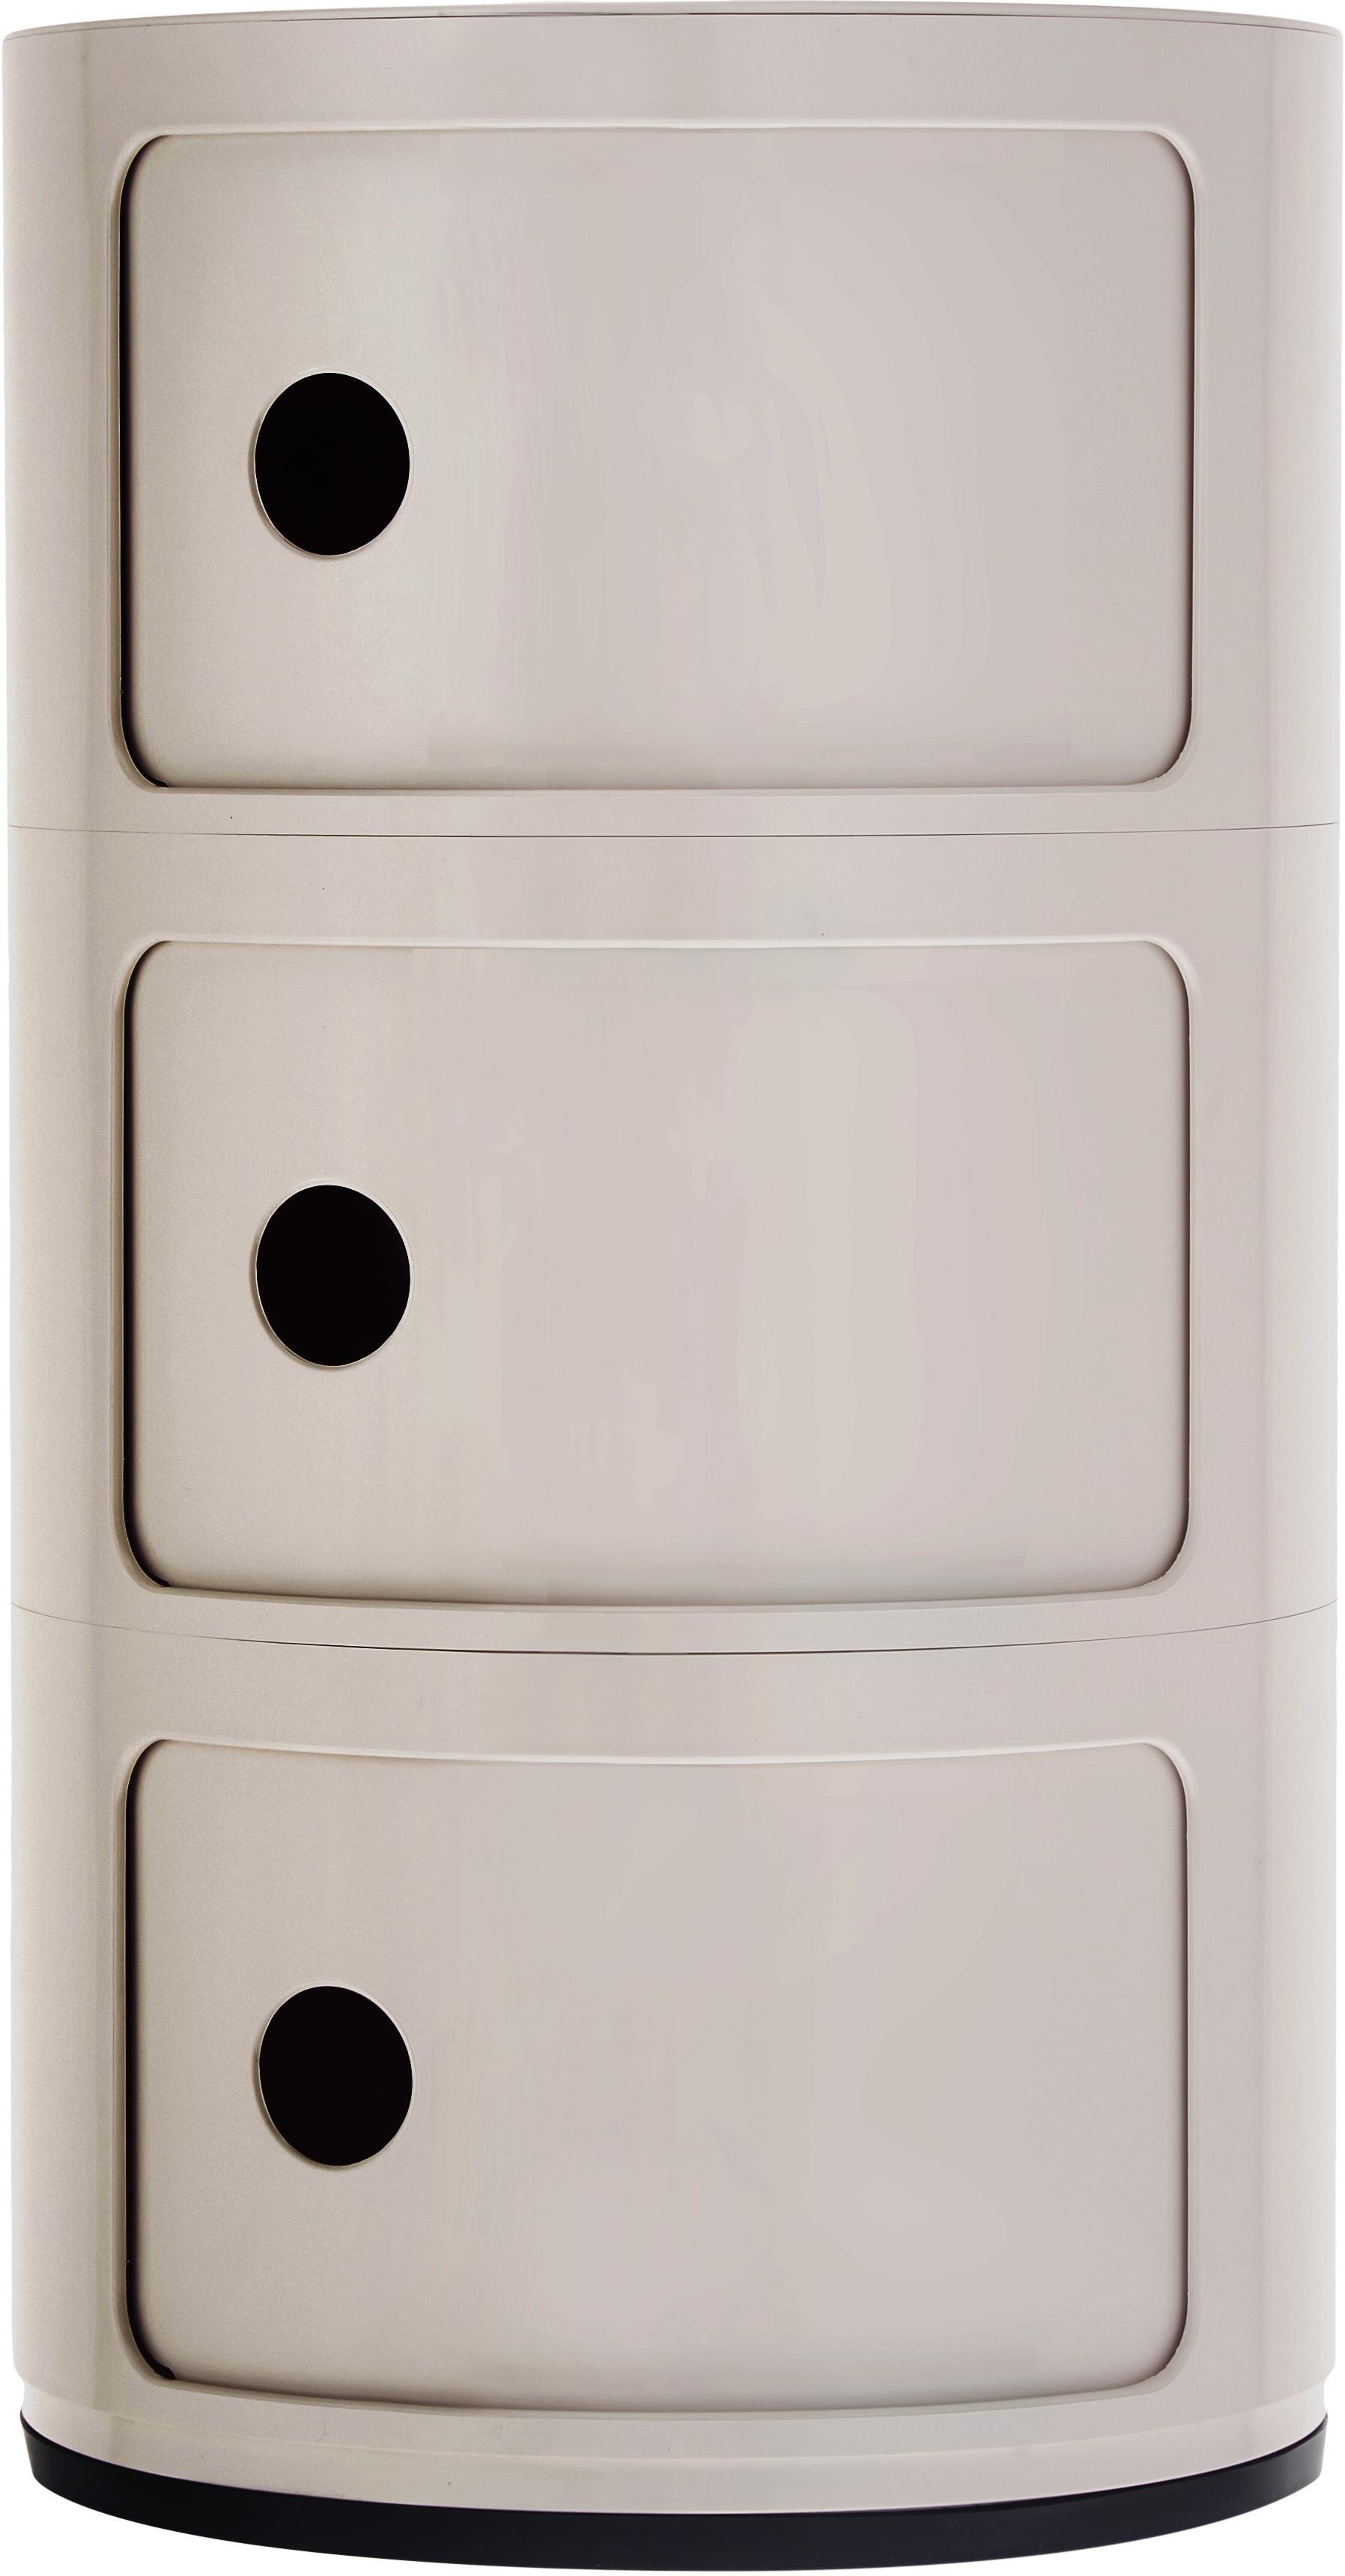 Design container Componibile, 100% biopolymeer van hernieuwbare grondstoffen, Mat crèmekleurig, Ø 32 x H 59 cm